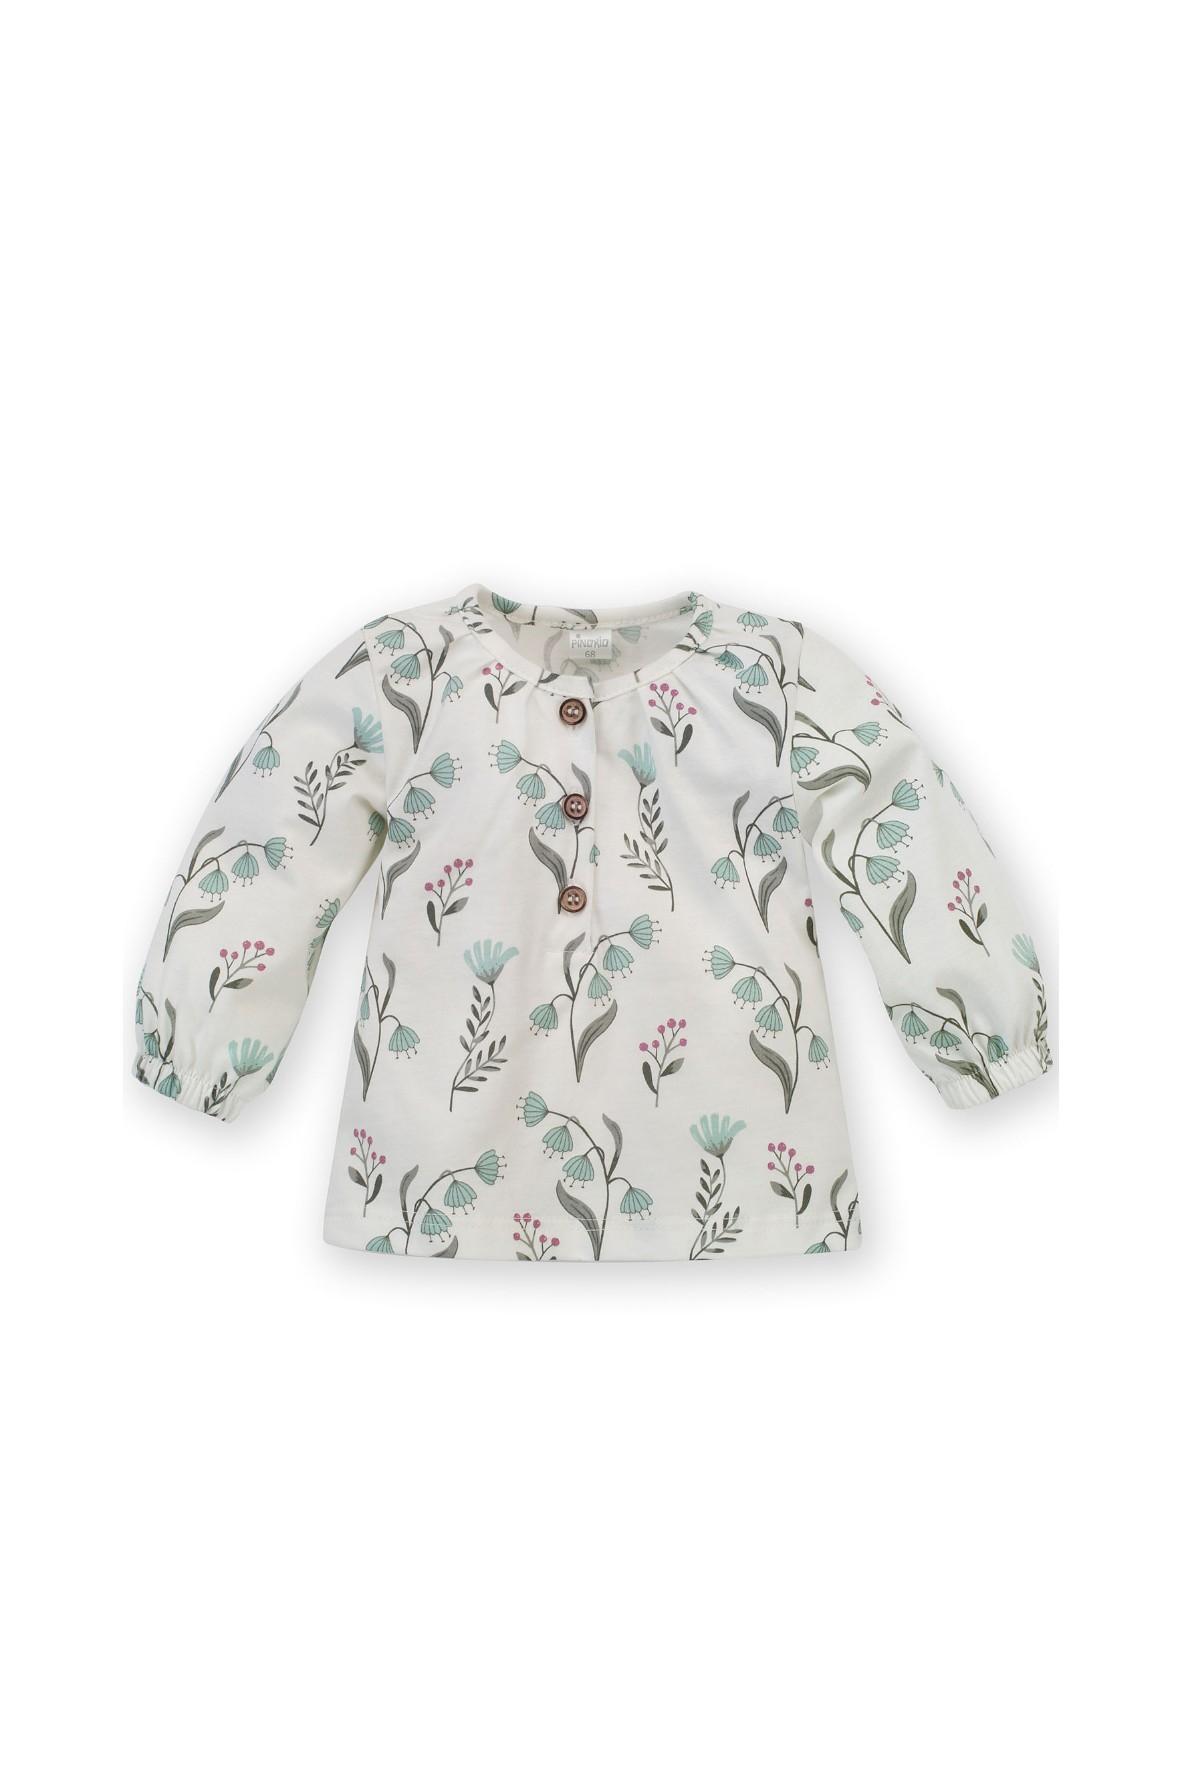 Dziewczęca bluzka z długim rękawem w piękny, autorski wzór kwiatków